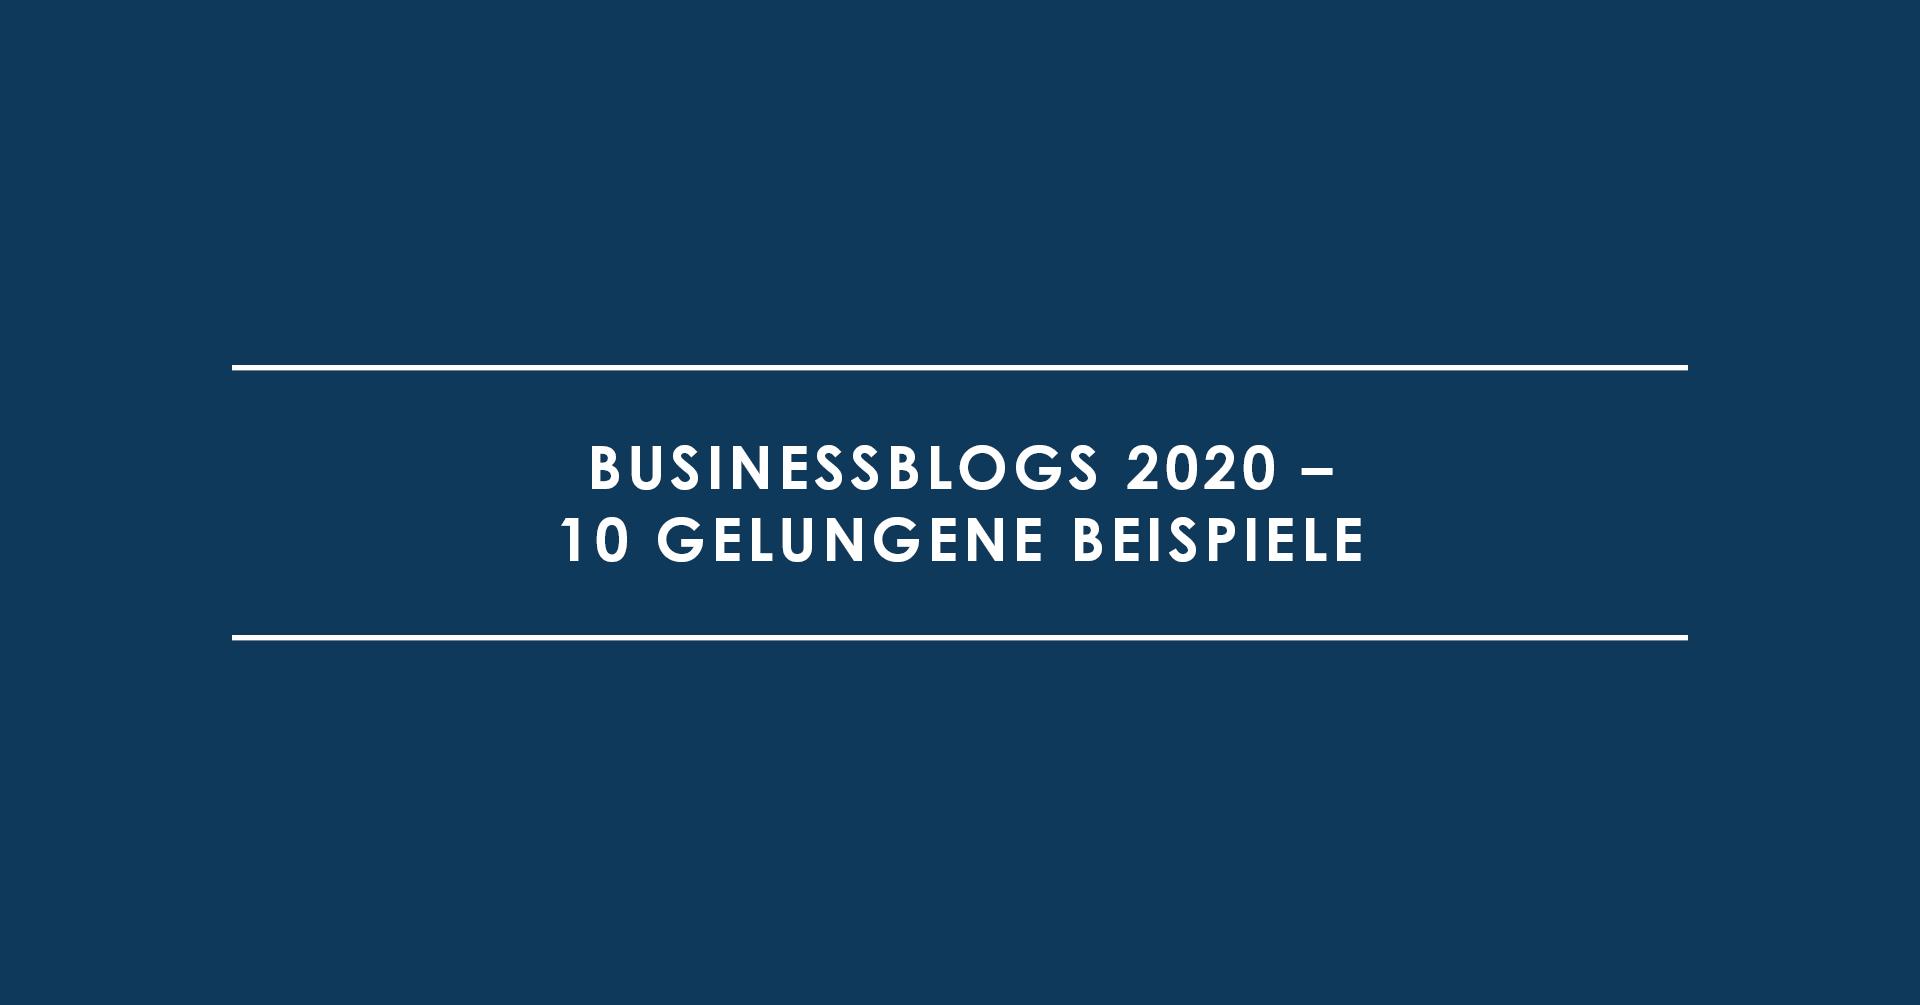 Businessblogs 2020 – 10 gelungene Beispiele